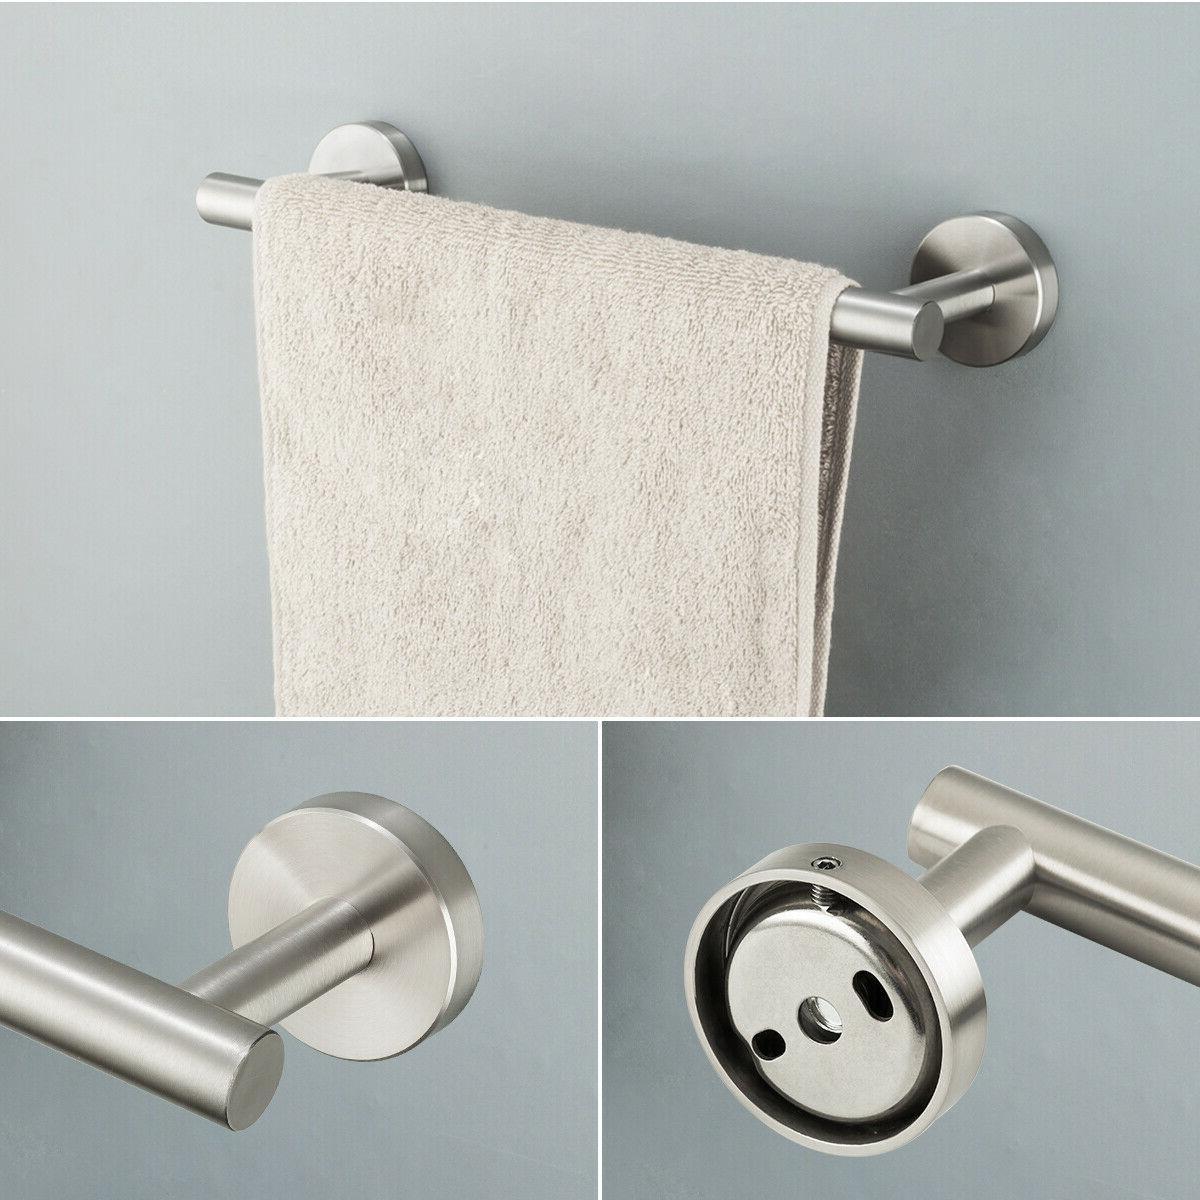 Brushed Bathroom Set Wall-Mounted